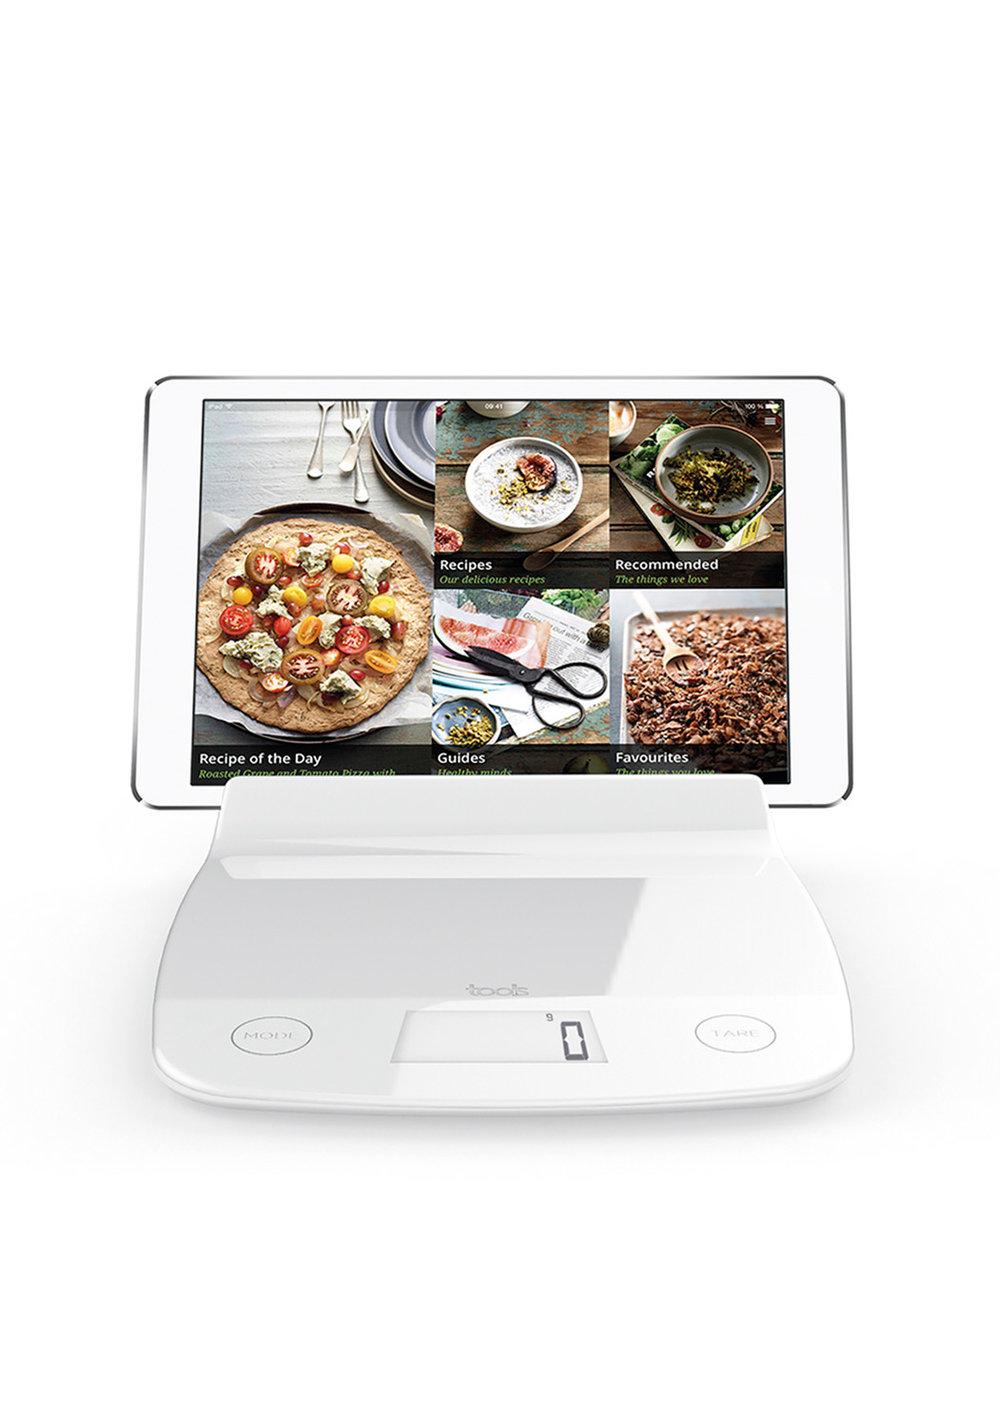 Balance IPAD - Pesée maximale 5 Kg - Précision 1 g - Aquatronique - Tare - Niveau de batterie - Piles inclusesTrès pratique pour ceux qui cuisinent avec la recette sous les yeux (ou qui regarde leur tablette en cuisinant). Cette balance tablette vous permet de maintenir votre tablette en toute sécurité ( insert antiglisse)• Compatible Ipad / tablettes• Balance plate• Touches sensitives• Base antiglisse001021 BALANCE TABLETTE